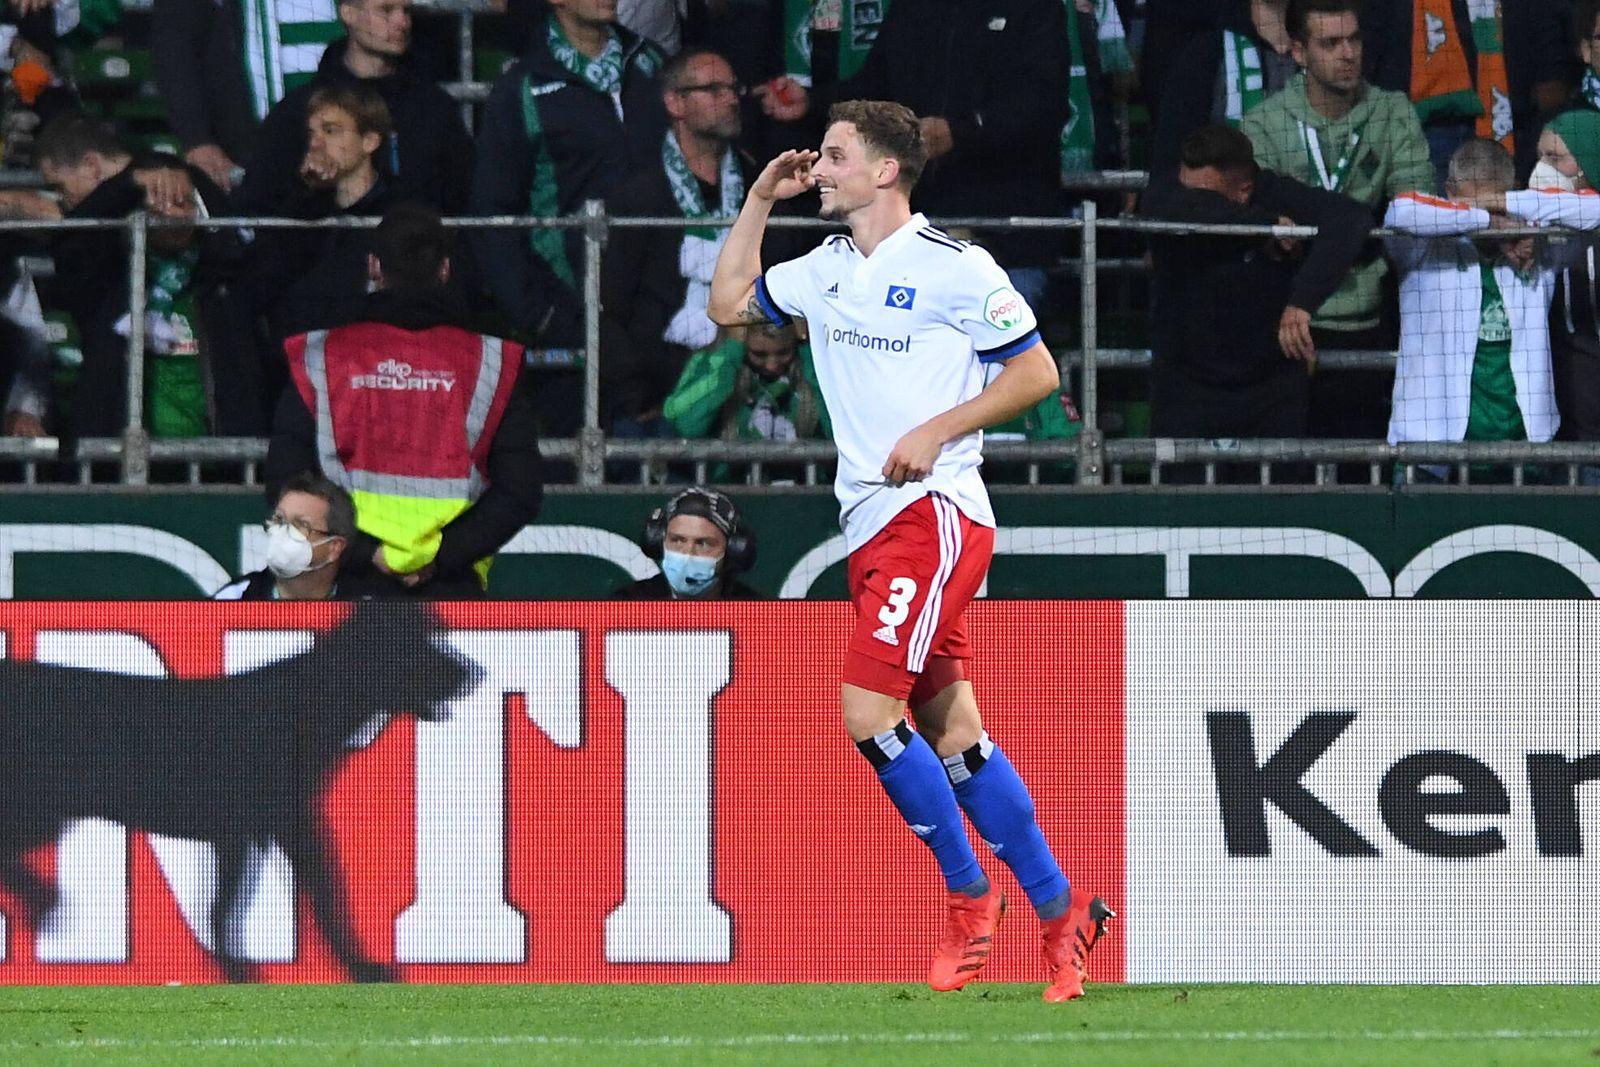 Fußball 2. Bundesliga 7. Spieltag SV Werder Bremen - Hamburger SV am 18.09.2021 im wohninvest Weserstadion in Bremen Tor